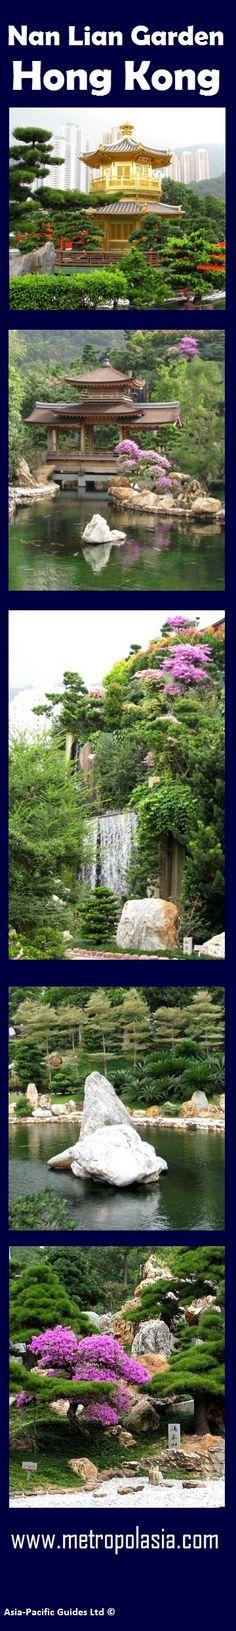 Beautiful Nan Lian Garden in #Kowloon, Hong Kong. Make sure you don't leave Hong Kong before you visited it!